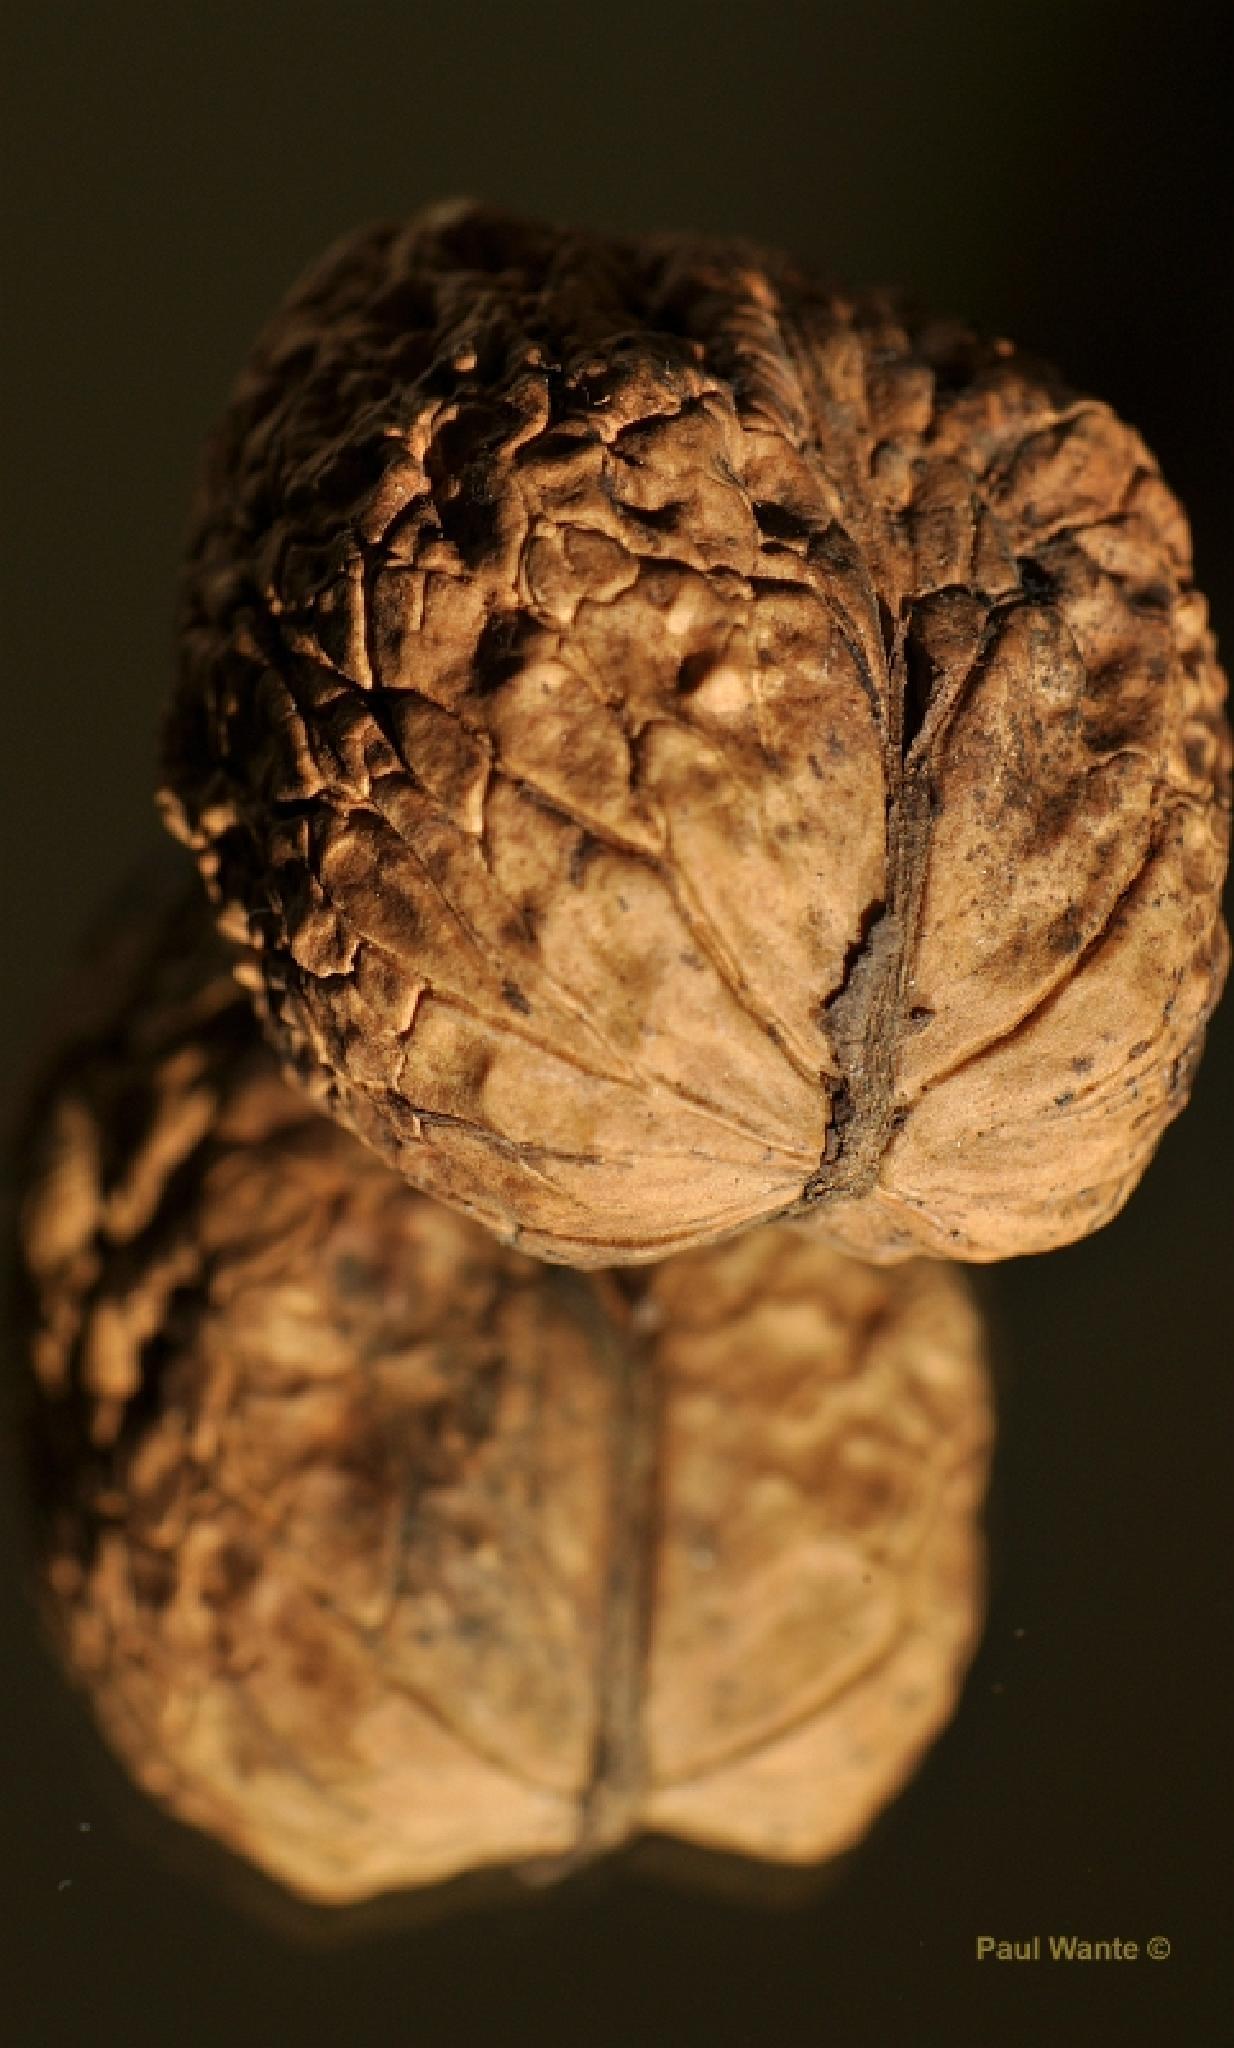 twin nut by paul wante